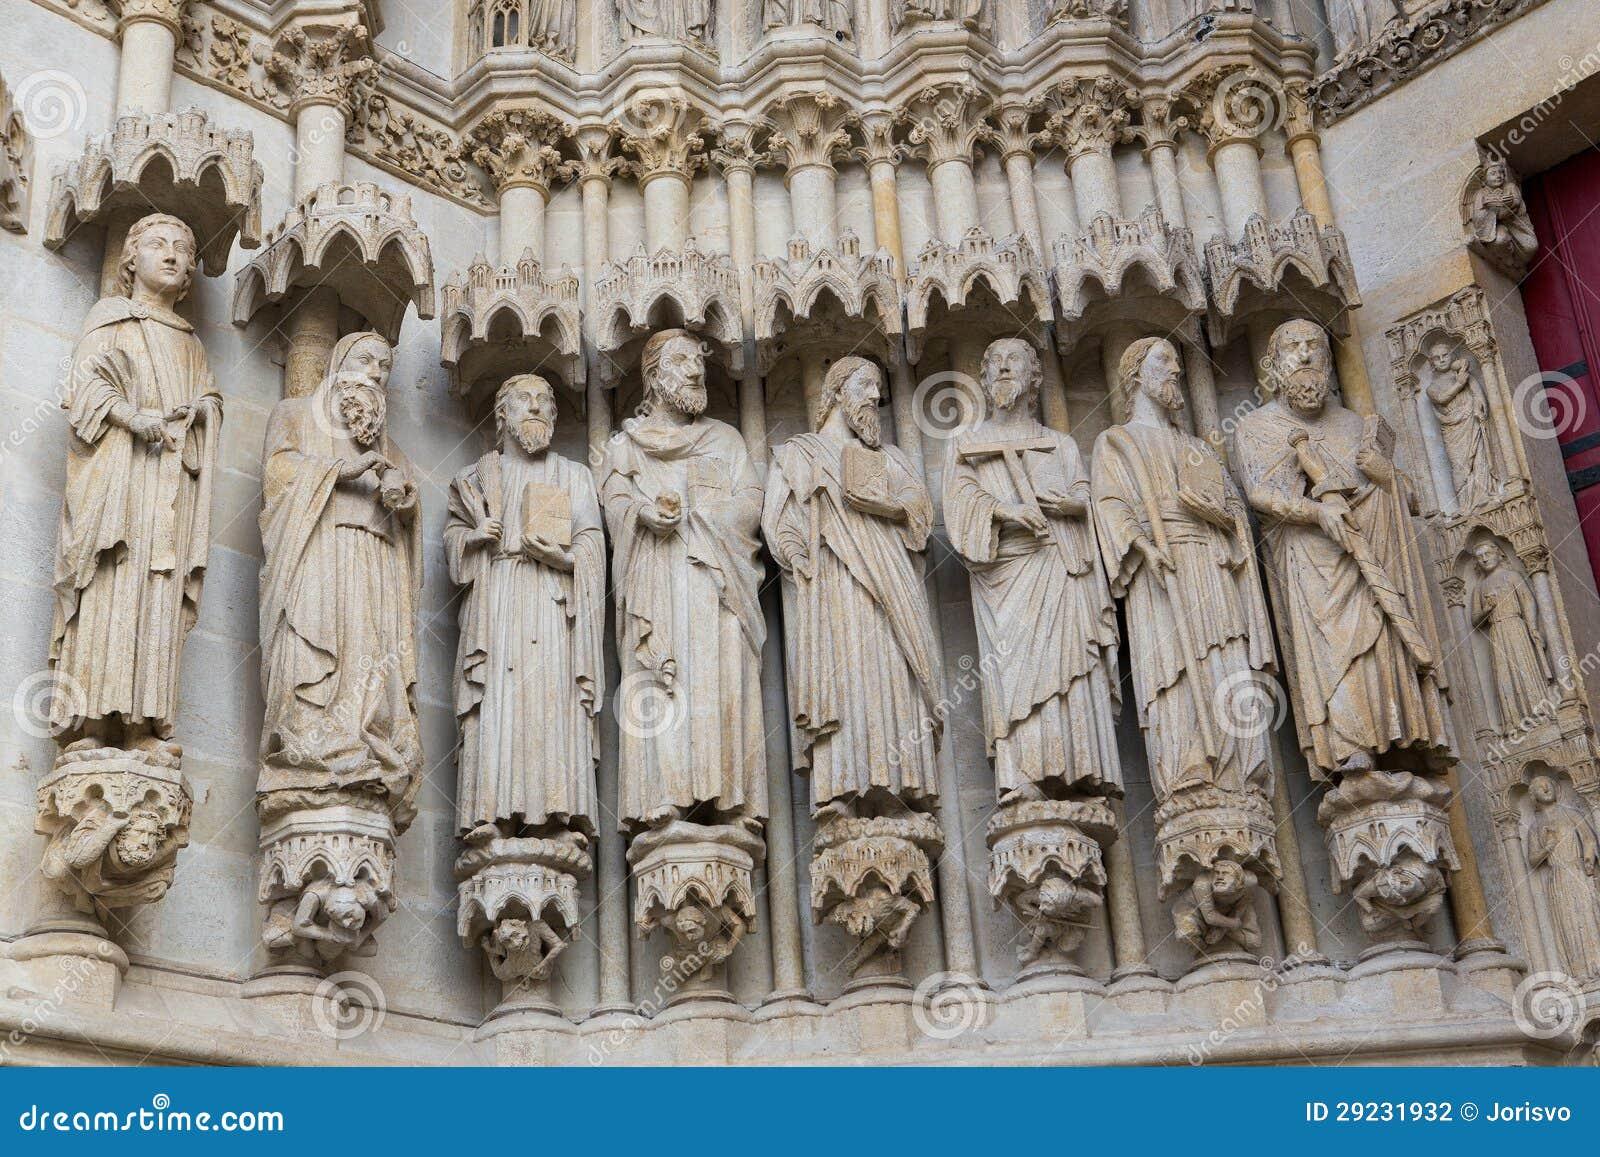 Download Amiens foto de stock. Imagem de senhora, cristão, detalhe - 29231932